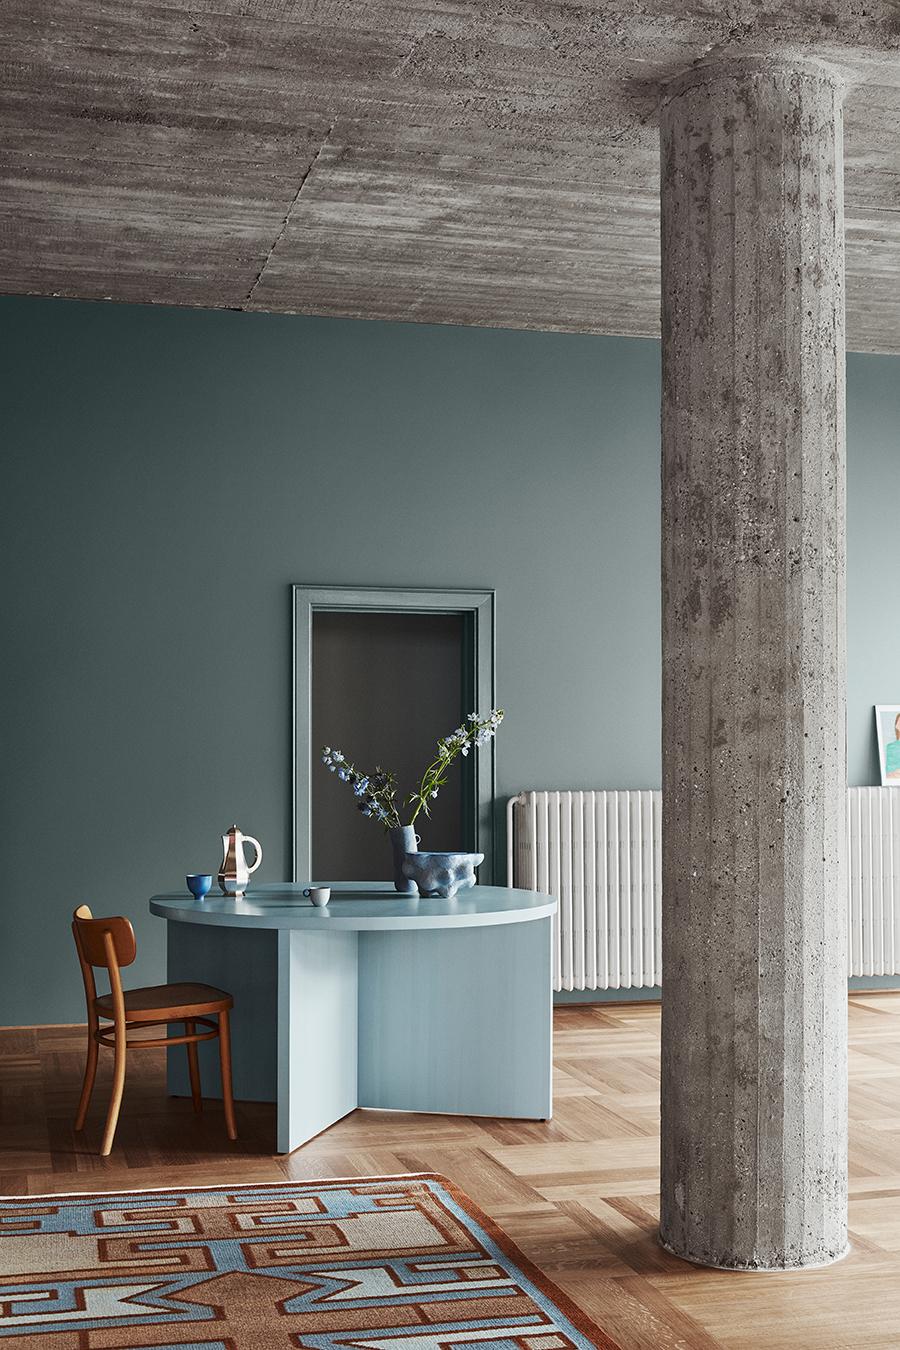 groen blauwe muurkleur interieur